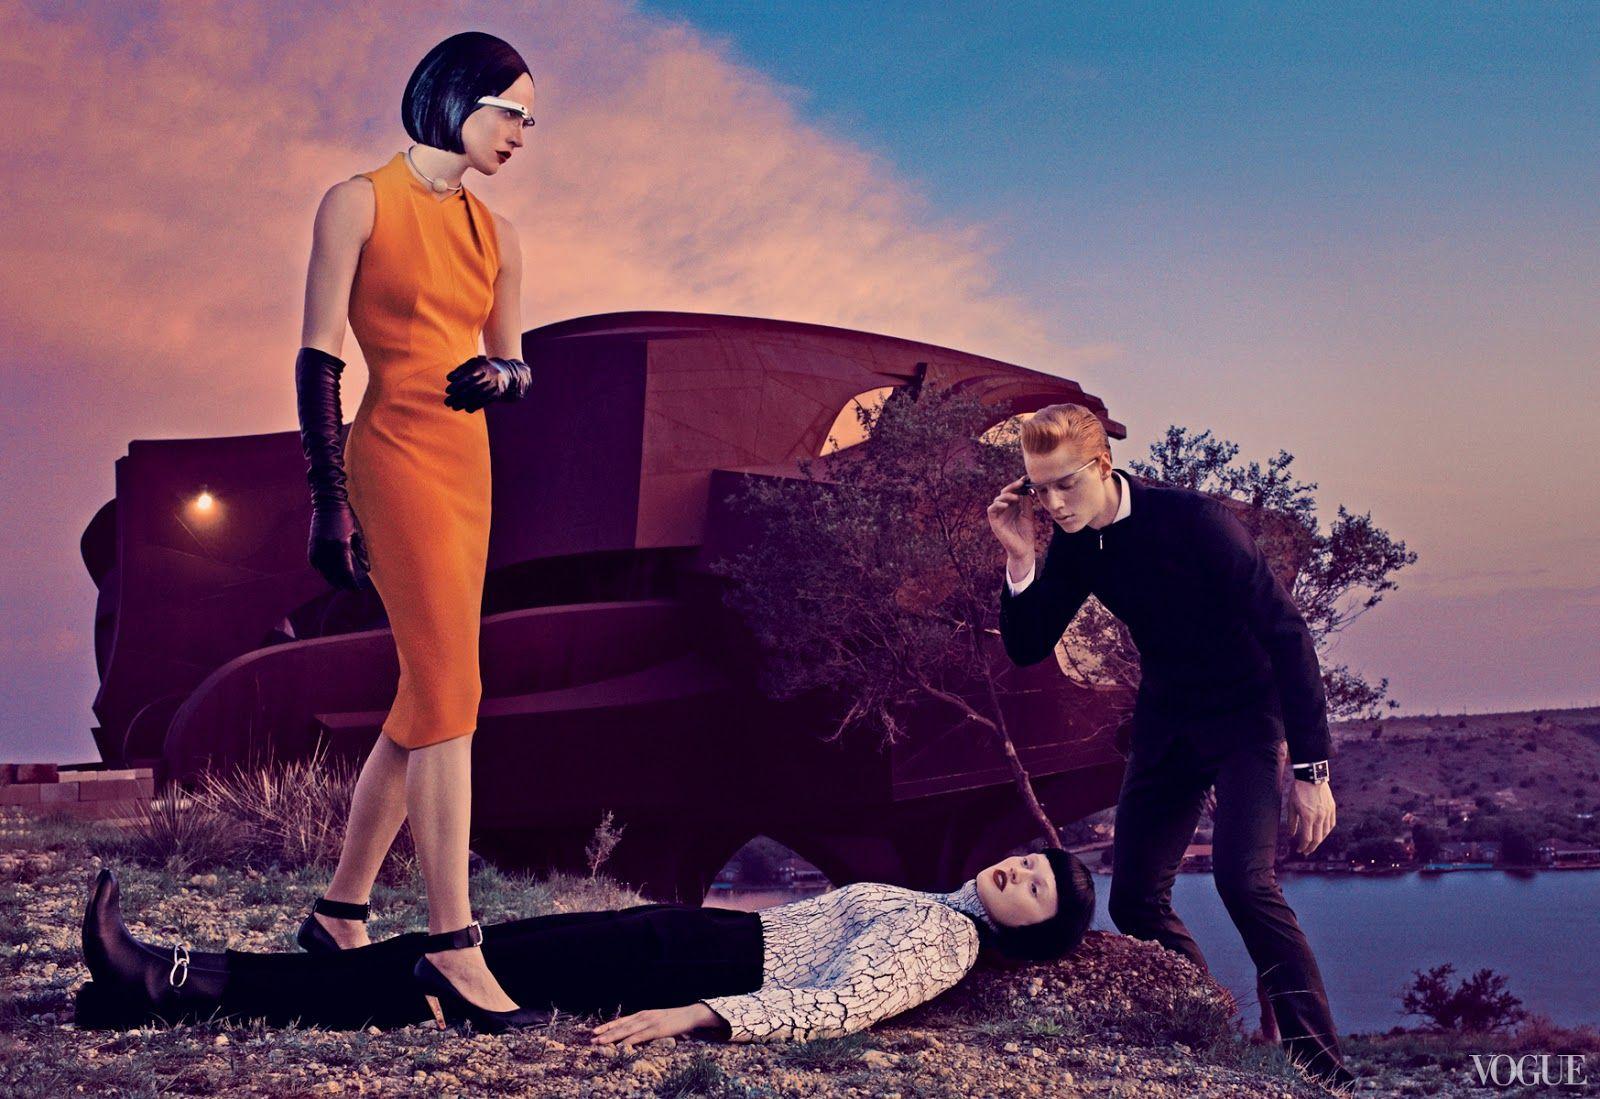 El fotografo Steven Klein ha preparado este editorial de moda para el numero de septiembre de la edición americana de Vogue. Un guiño retrofuturista inspirado en el cine de Serie B y el comic de la Edad de Oro.